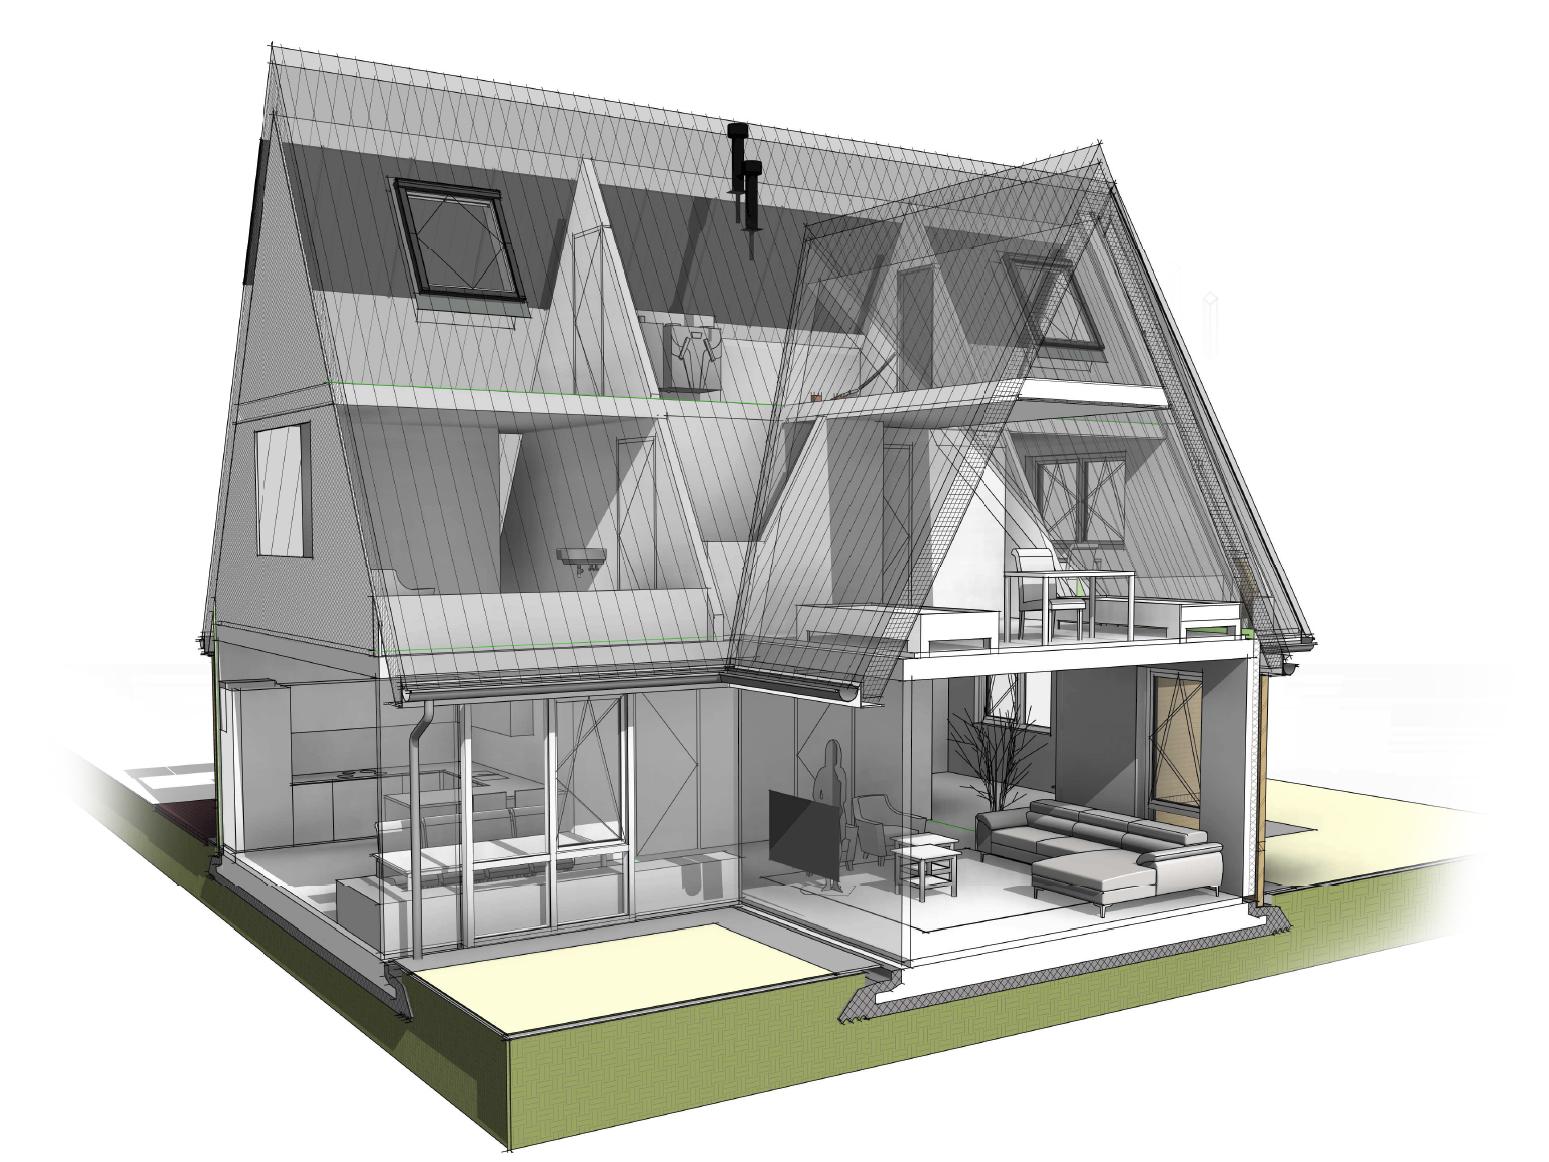 vrijstaande-woning-ontwerp-de-vecht-metselwerk-schuinekap-van-oord-architectuur-en-design-architect-apeldoorn